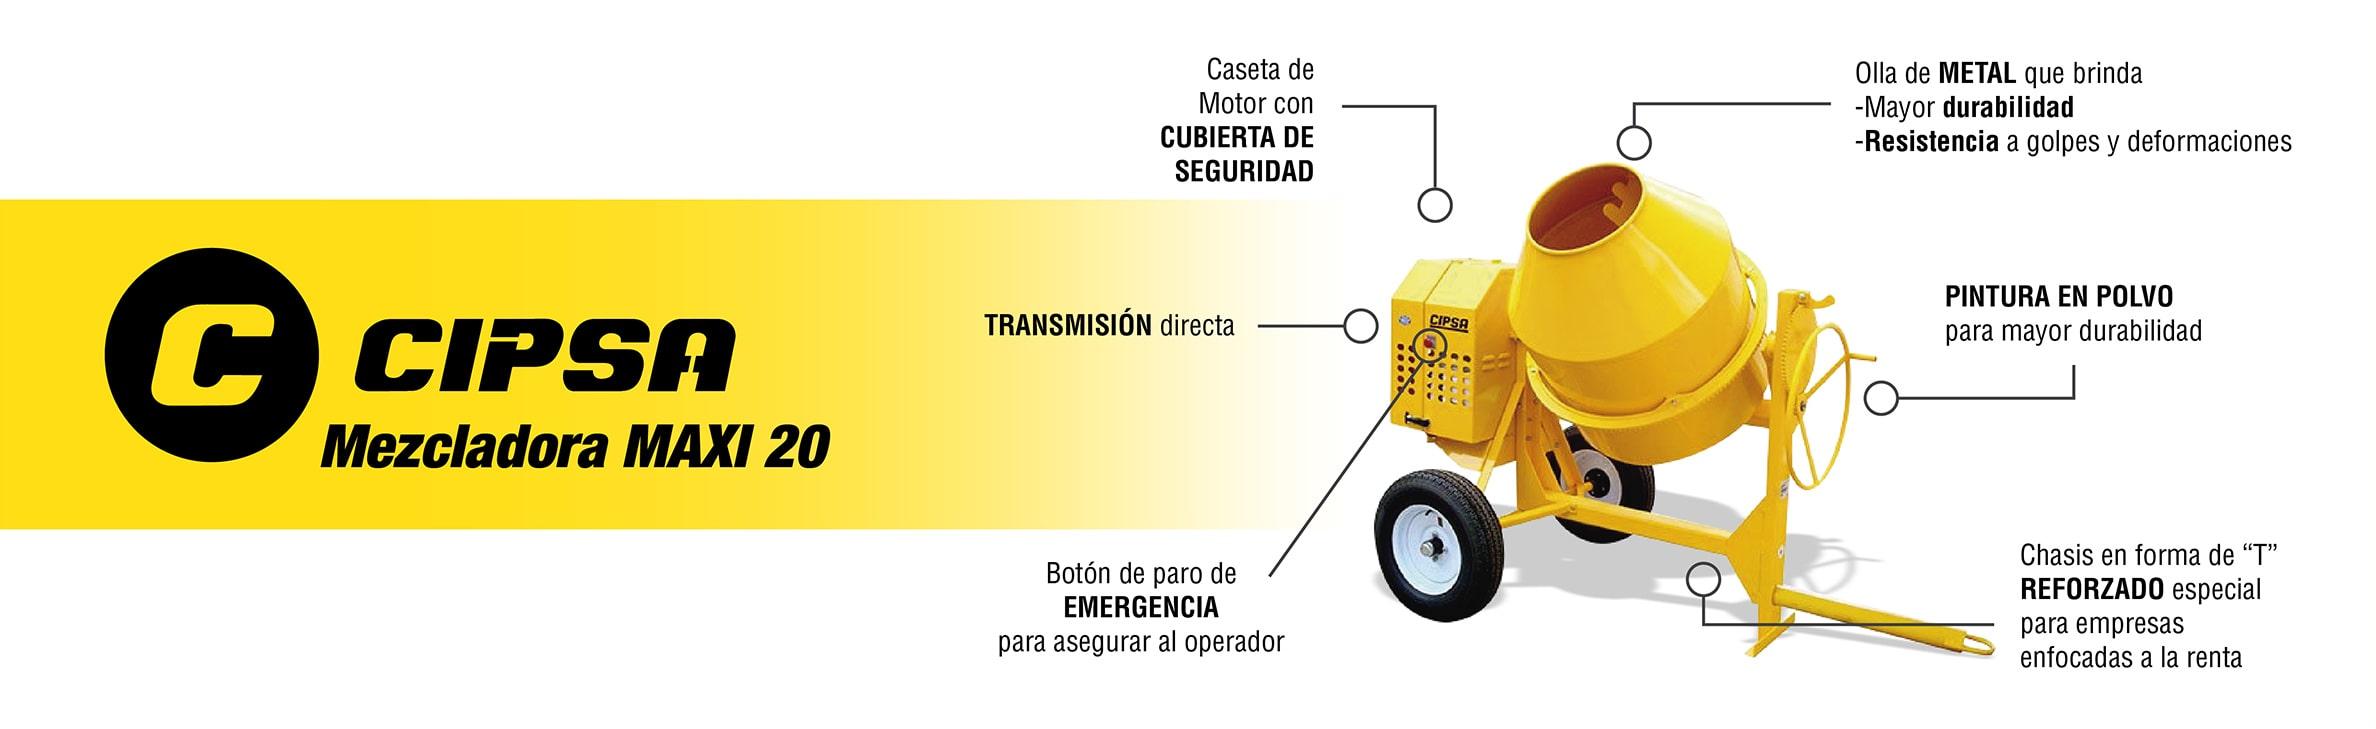 cipsa-mezcladora-maxi20-nicaragua